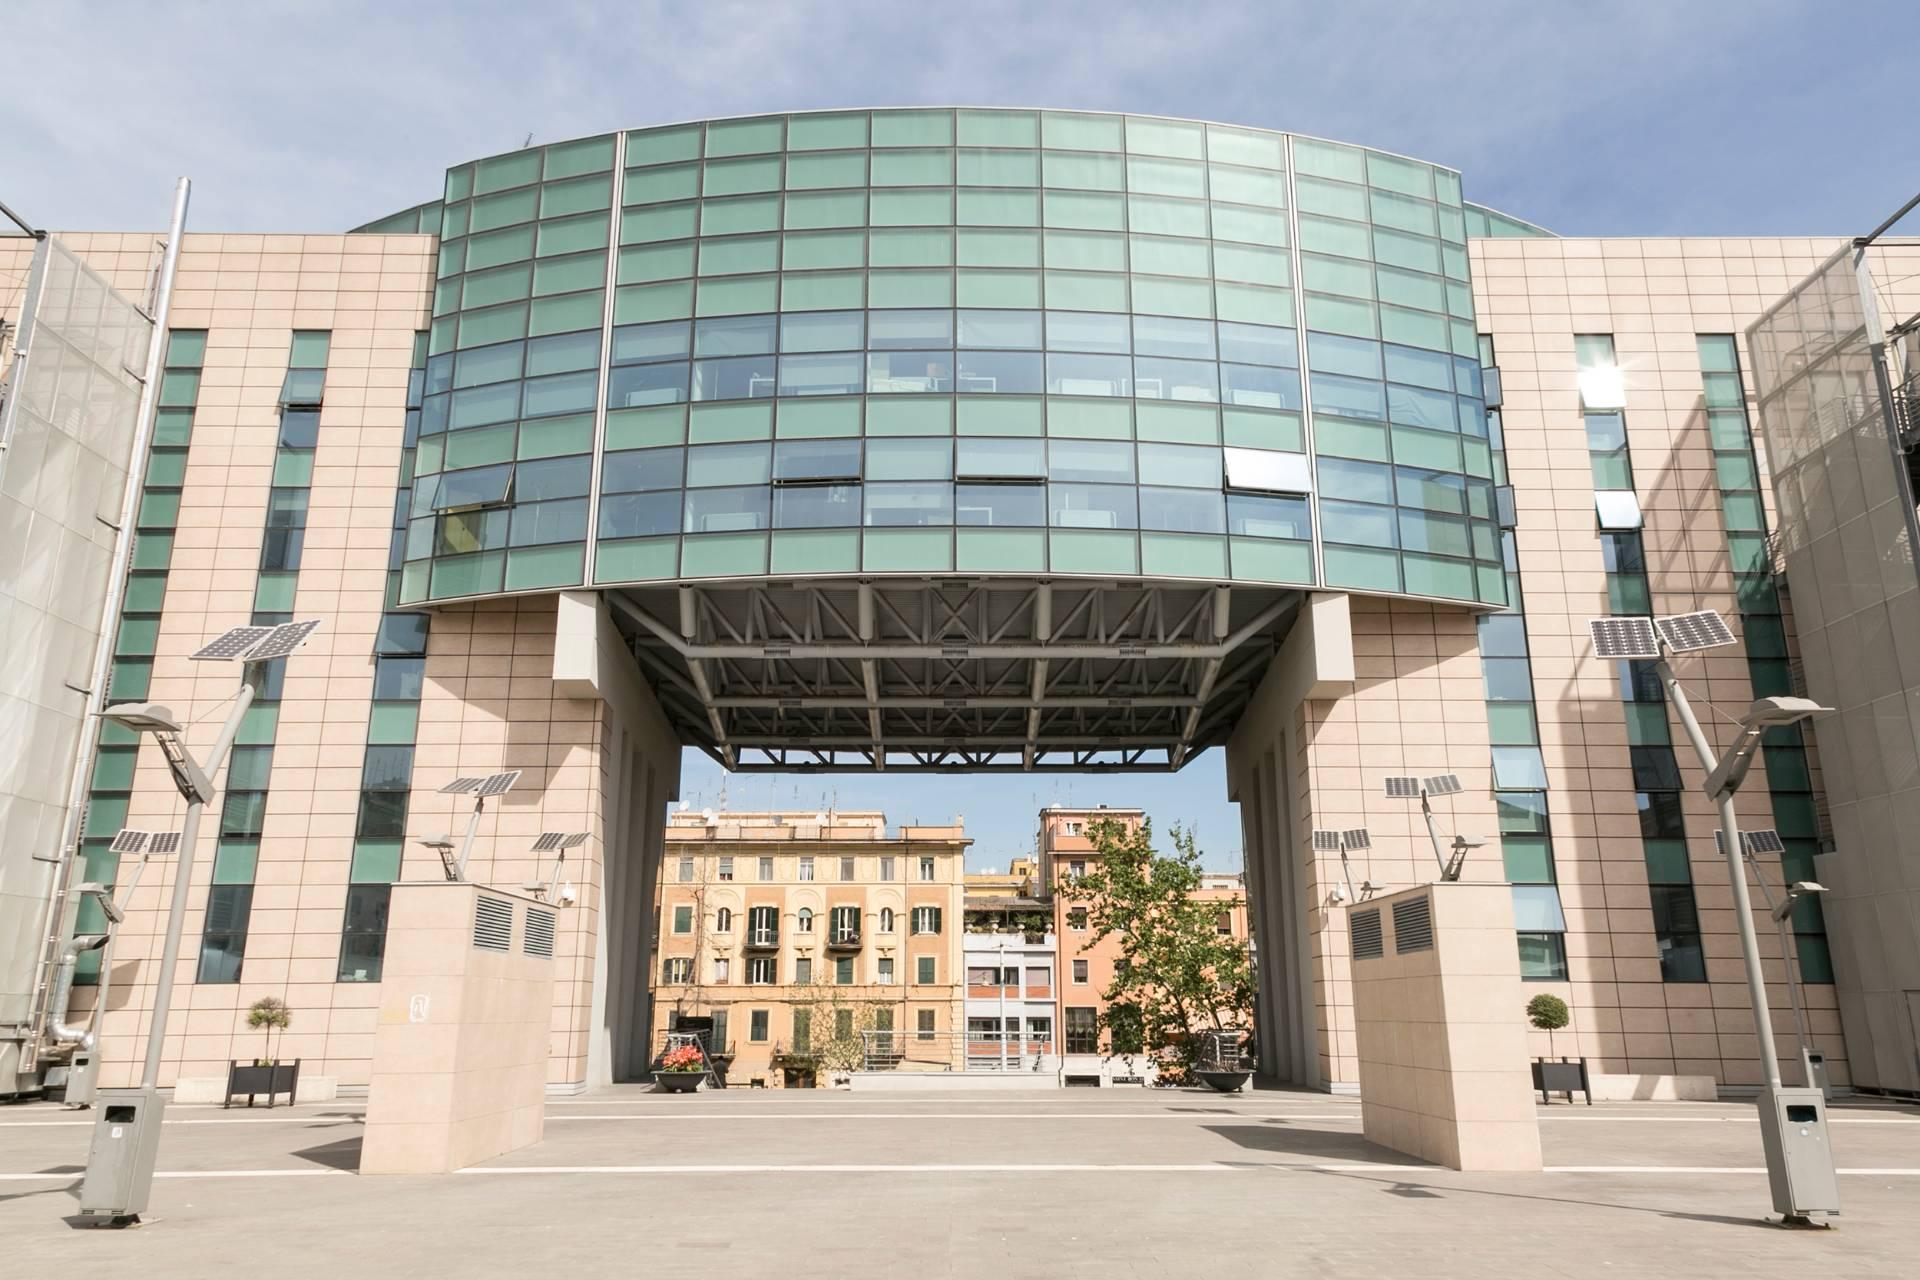 Palazzo / Stabile in vendita a Roma, 9999 locali, zona Zona: 30 . Prati, Borgo, San Pietro, prezzo € 29.525.000 | Cambio Casa.it